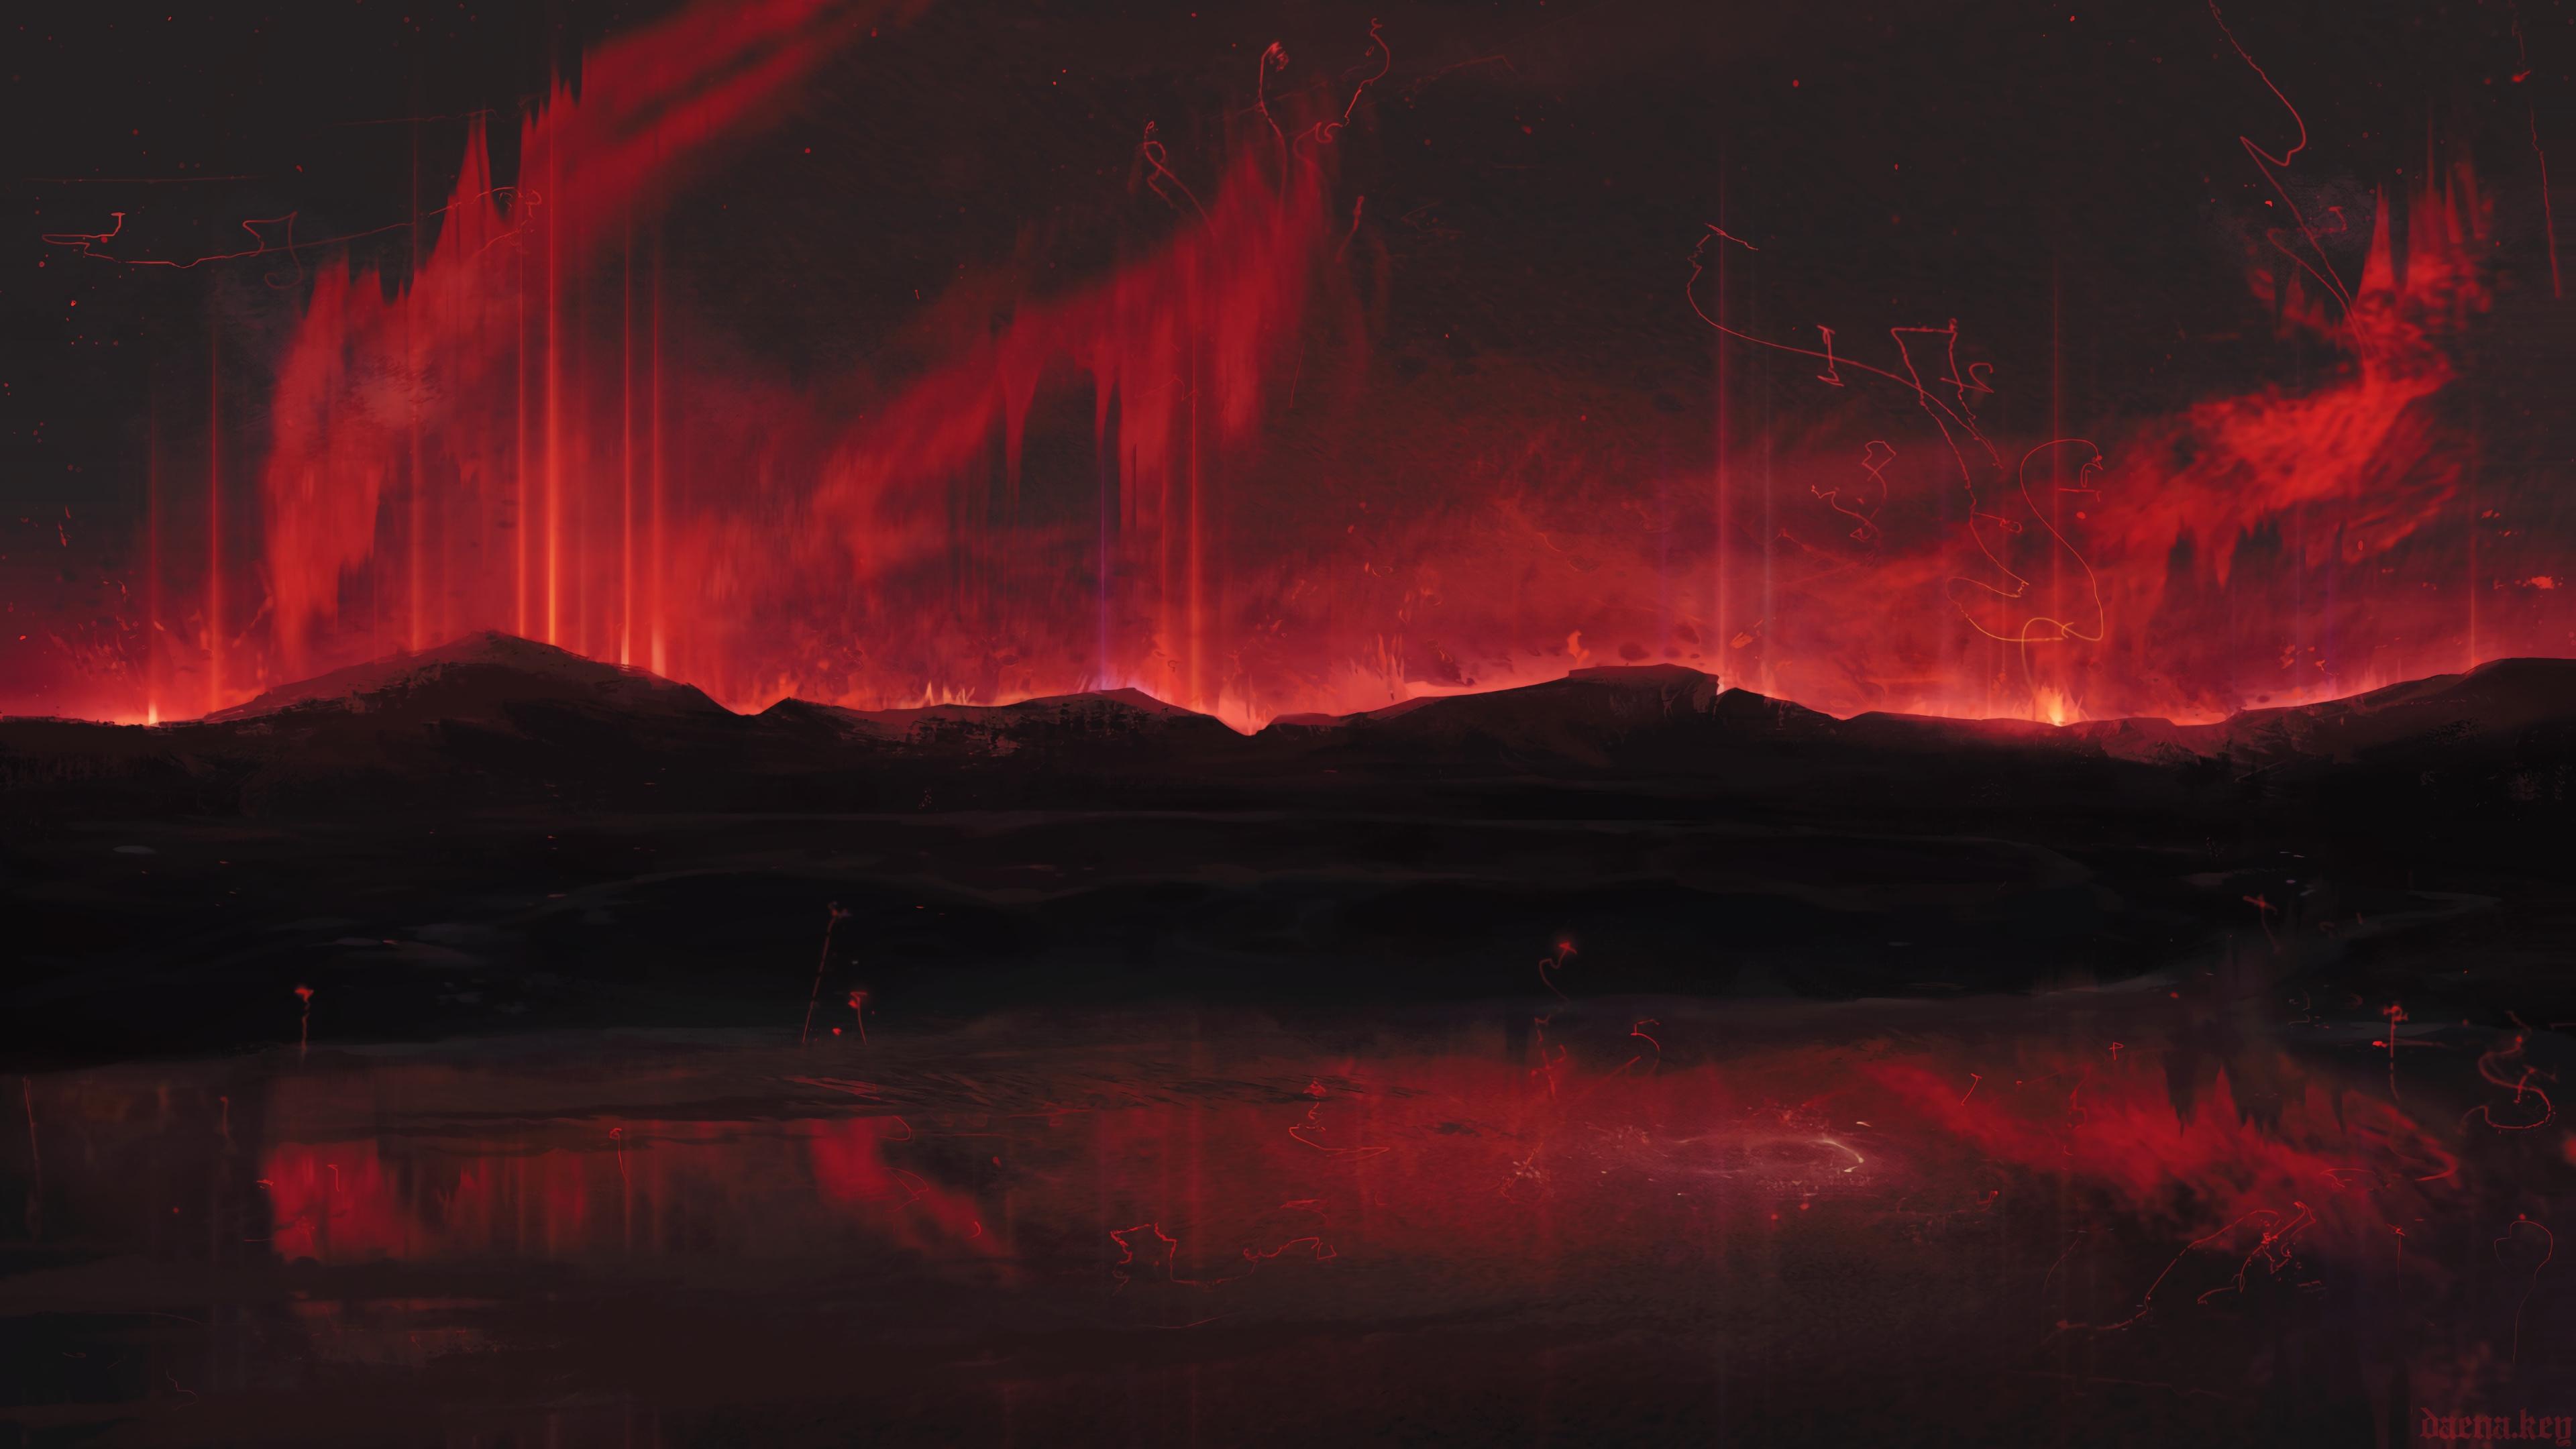 mountains art dark red spots 4k 1541971122 - mountains, art, dark, red, spots 4k - Mountains, Dark, art